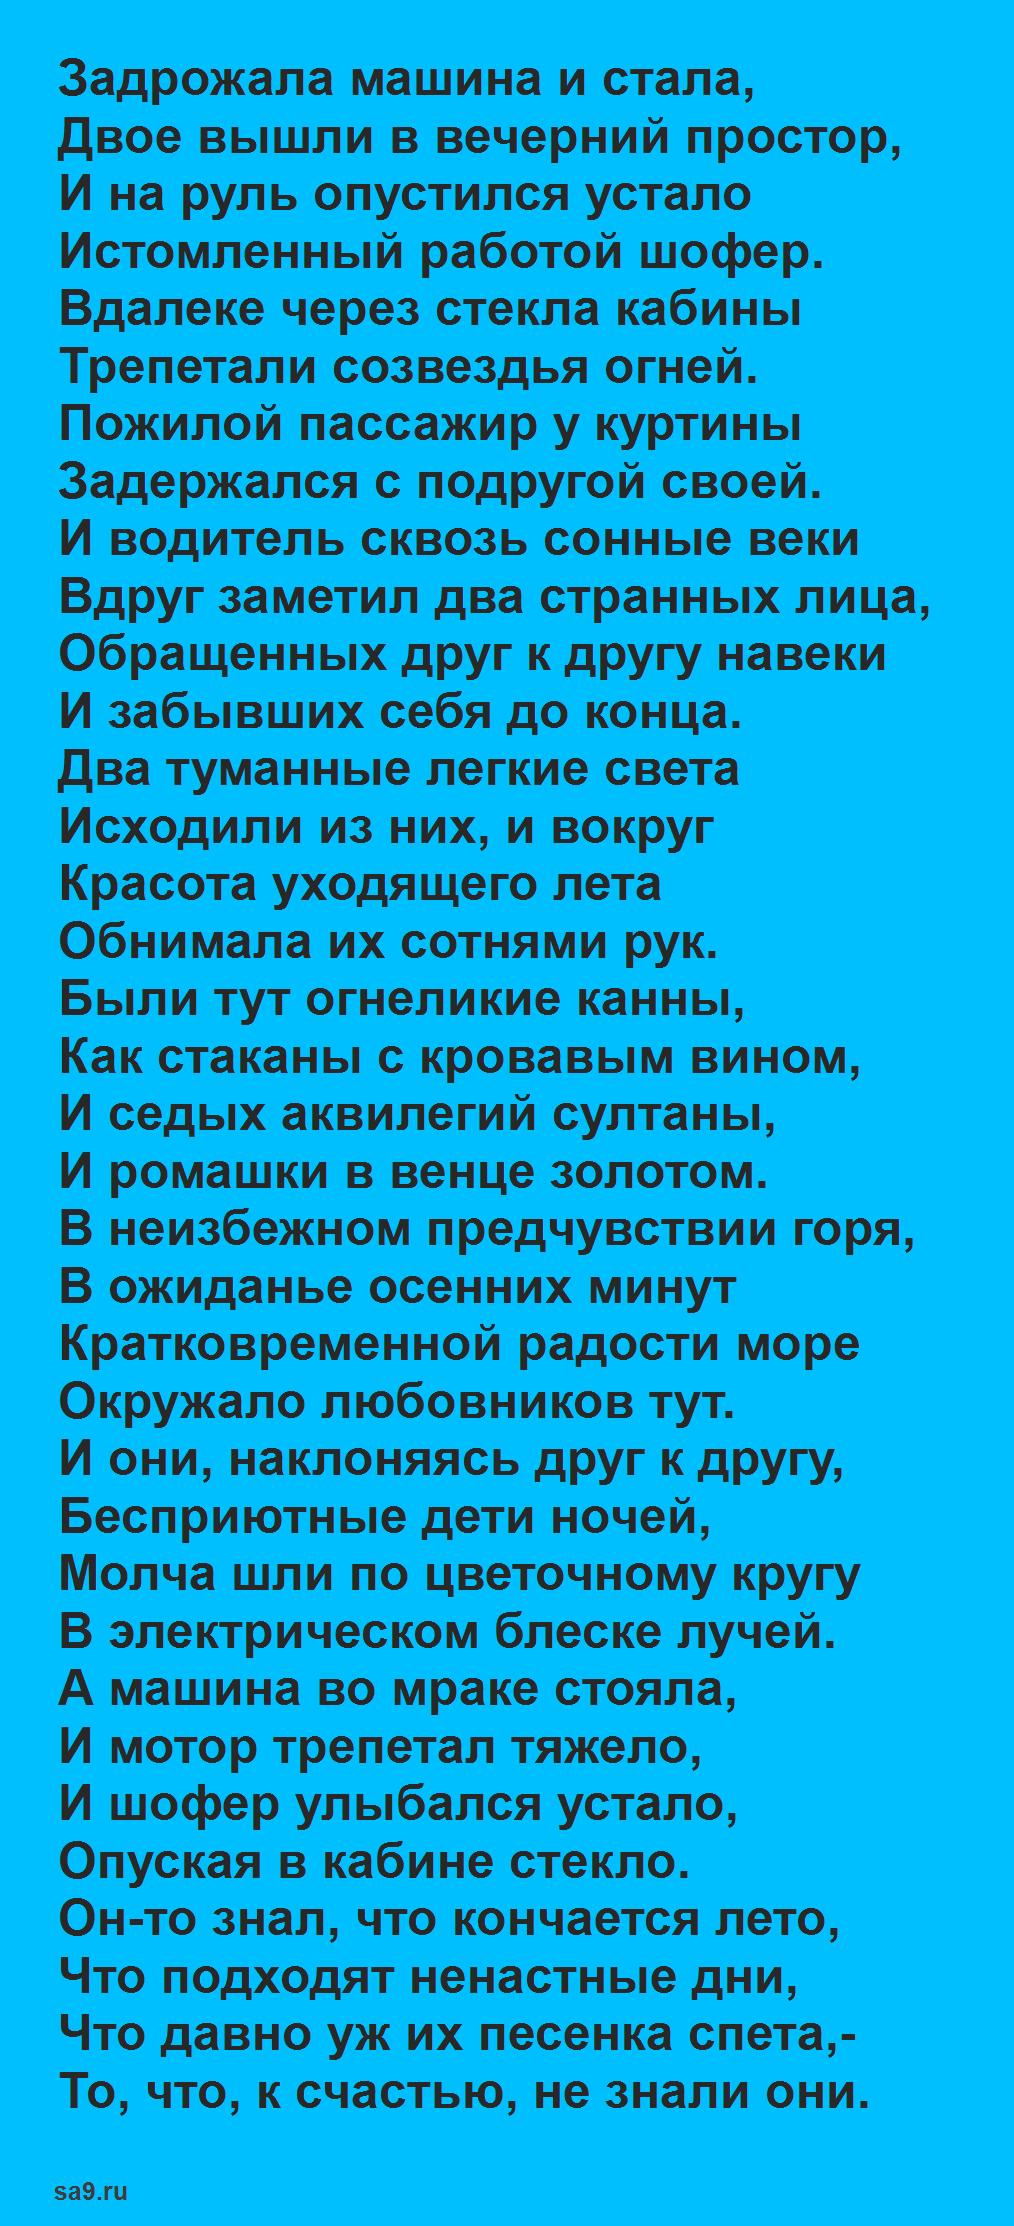 Заболоцкий стихи о любви - Последняя любовь